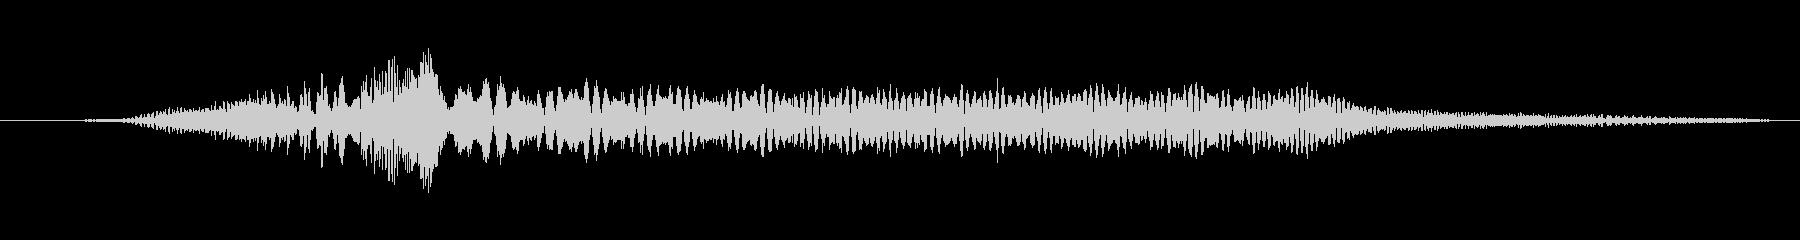 特撮 インターフェーススイープ01の未再生の波形